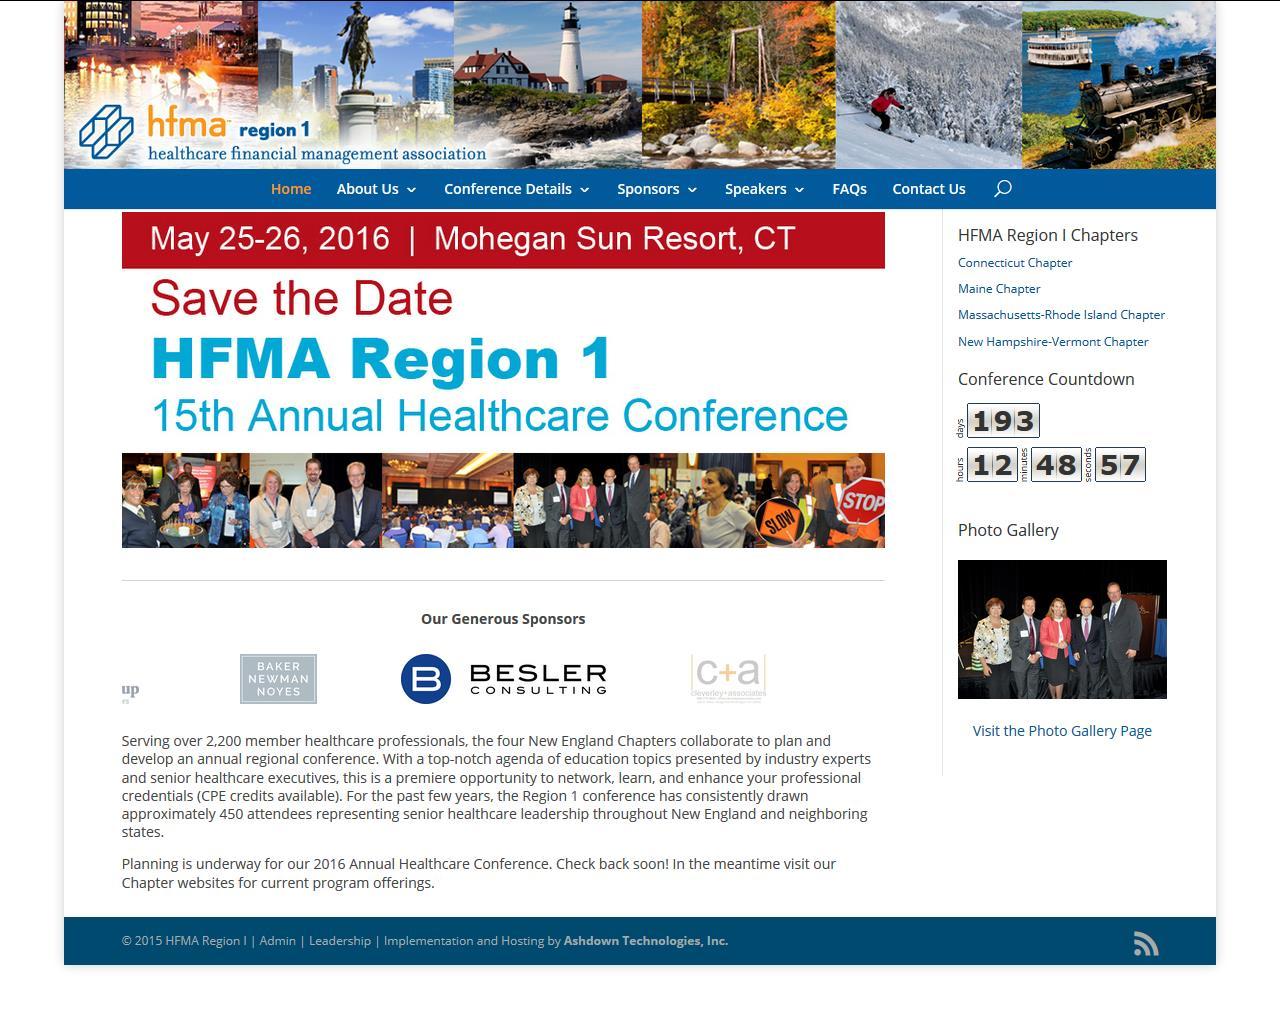 HFMA Region I